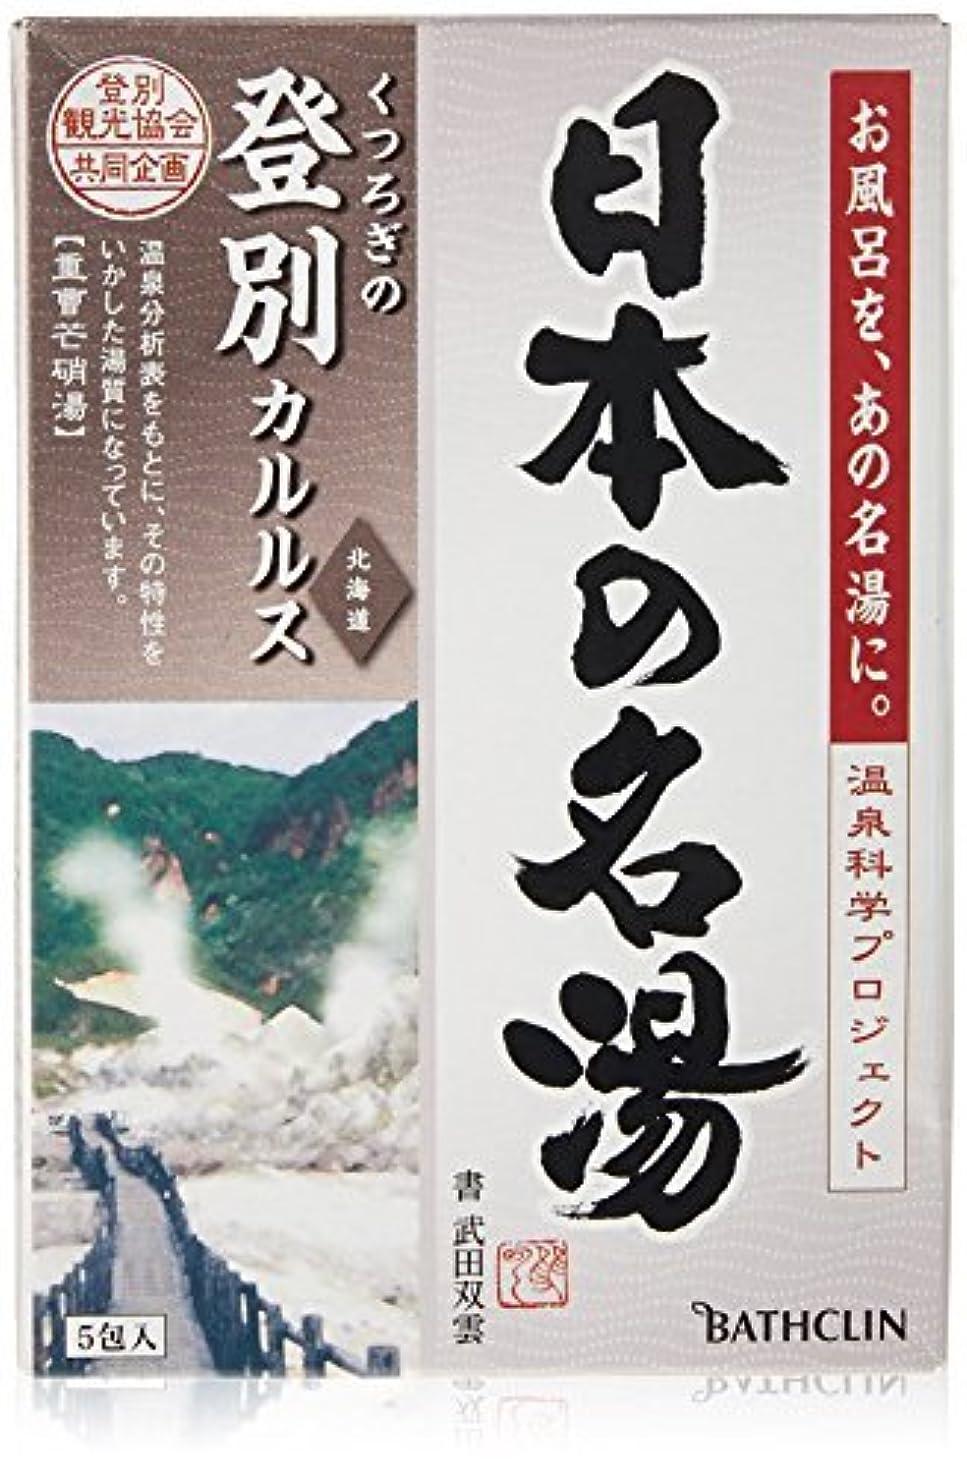 【まとめ買い】【医薬部外品】日本の名湯入浴剤 登別カルルス 30g×5包 個包装 温泉タイプ ×6個